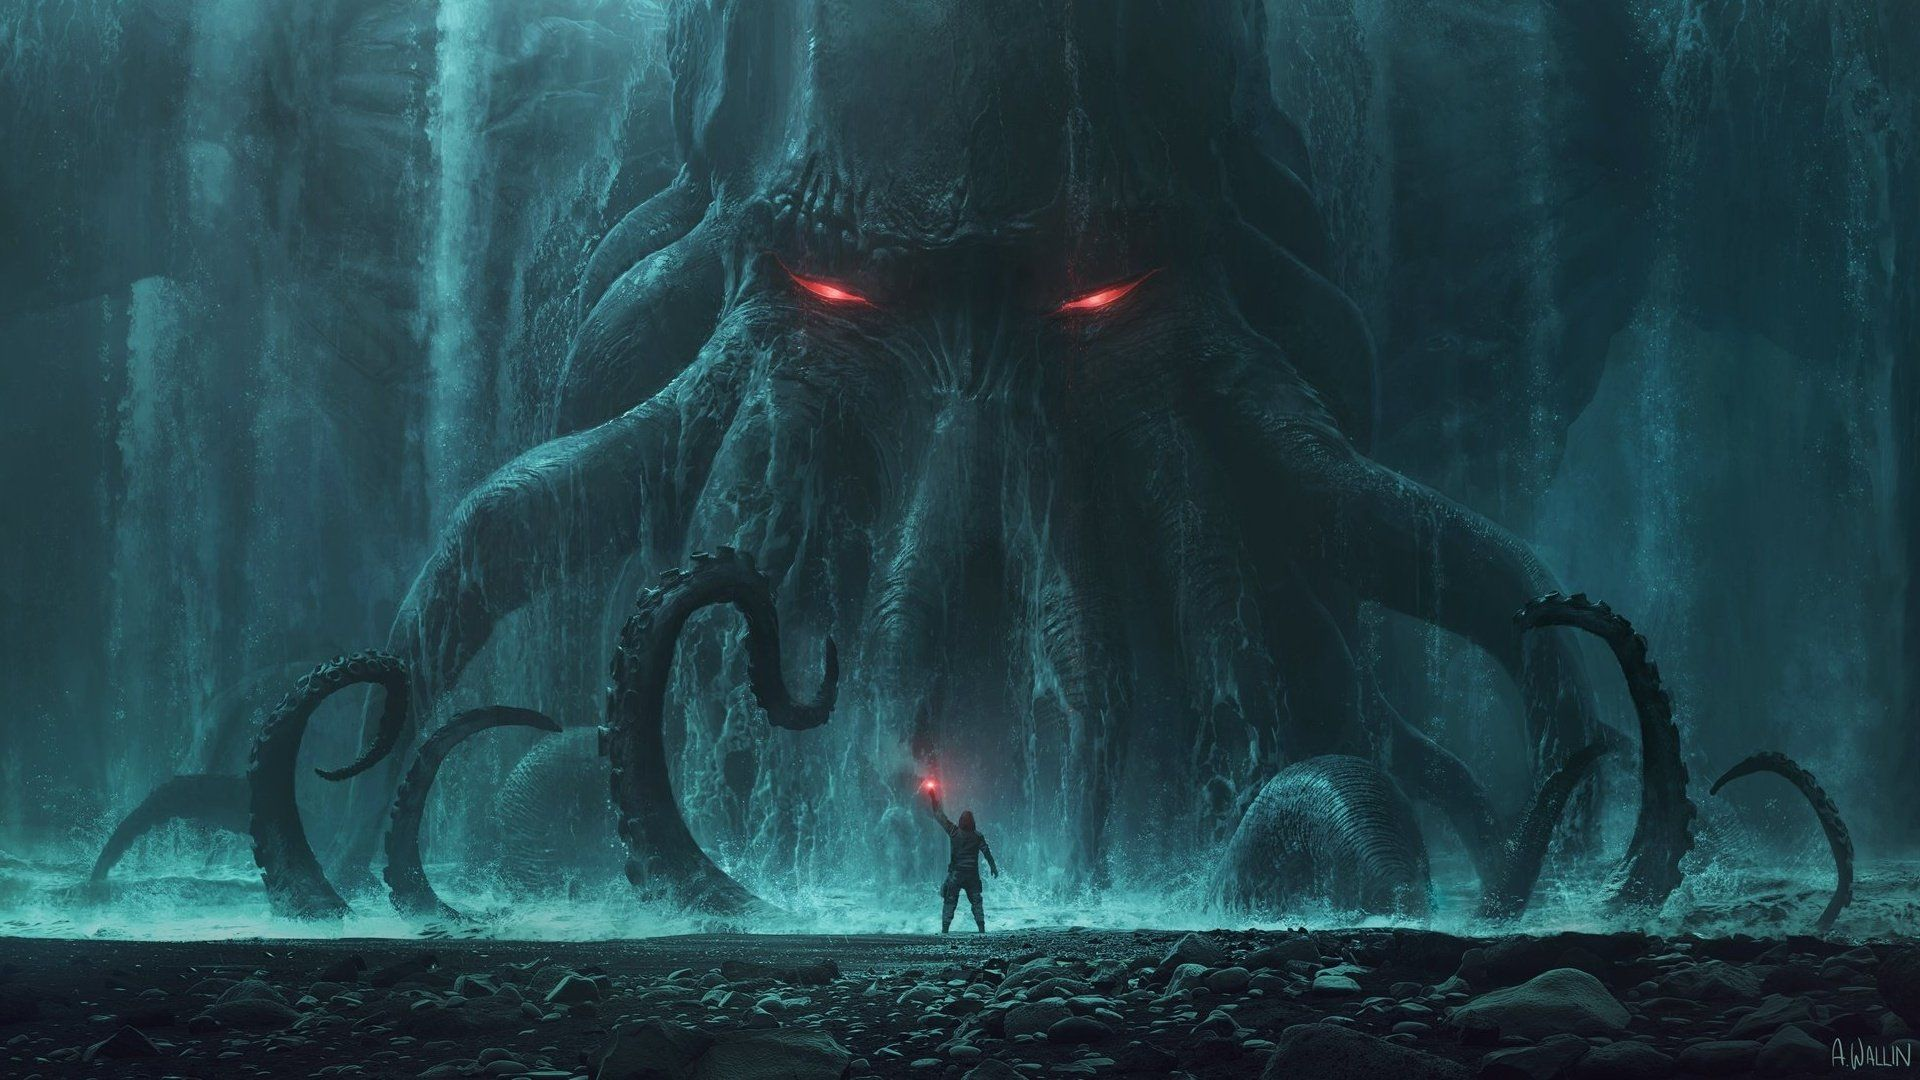 Cthulhu y la oscuridad que lo sigue, Recordando a las creaturas de H.P Lovecraft